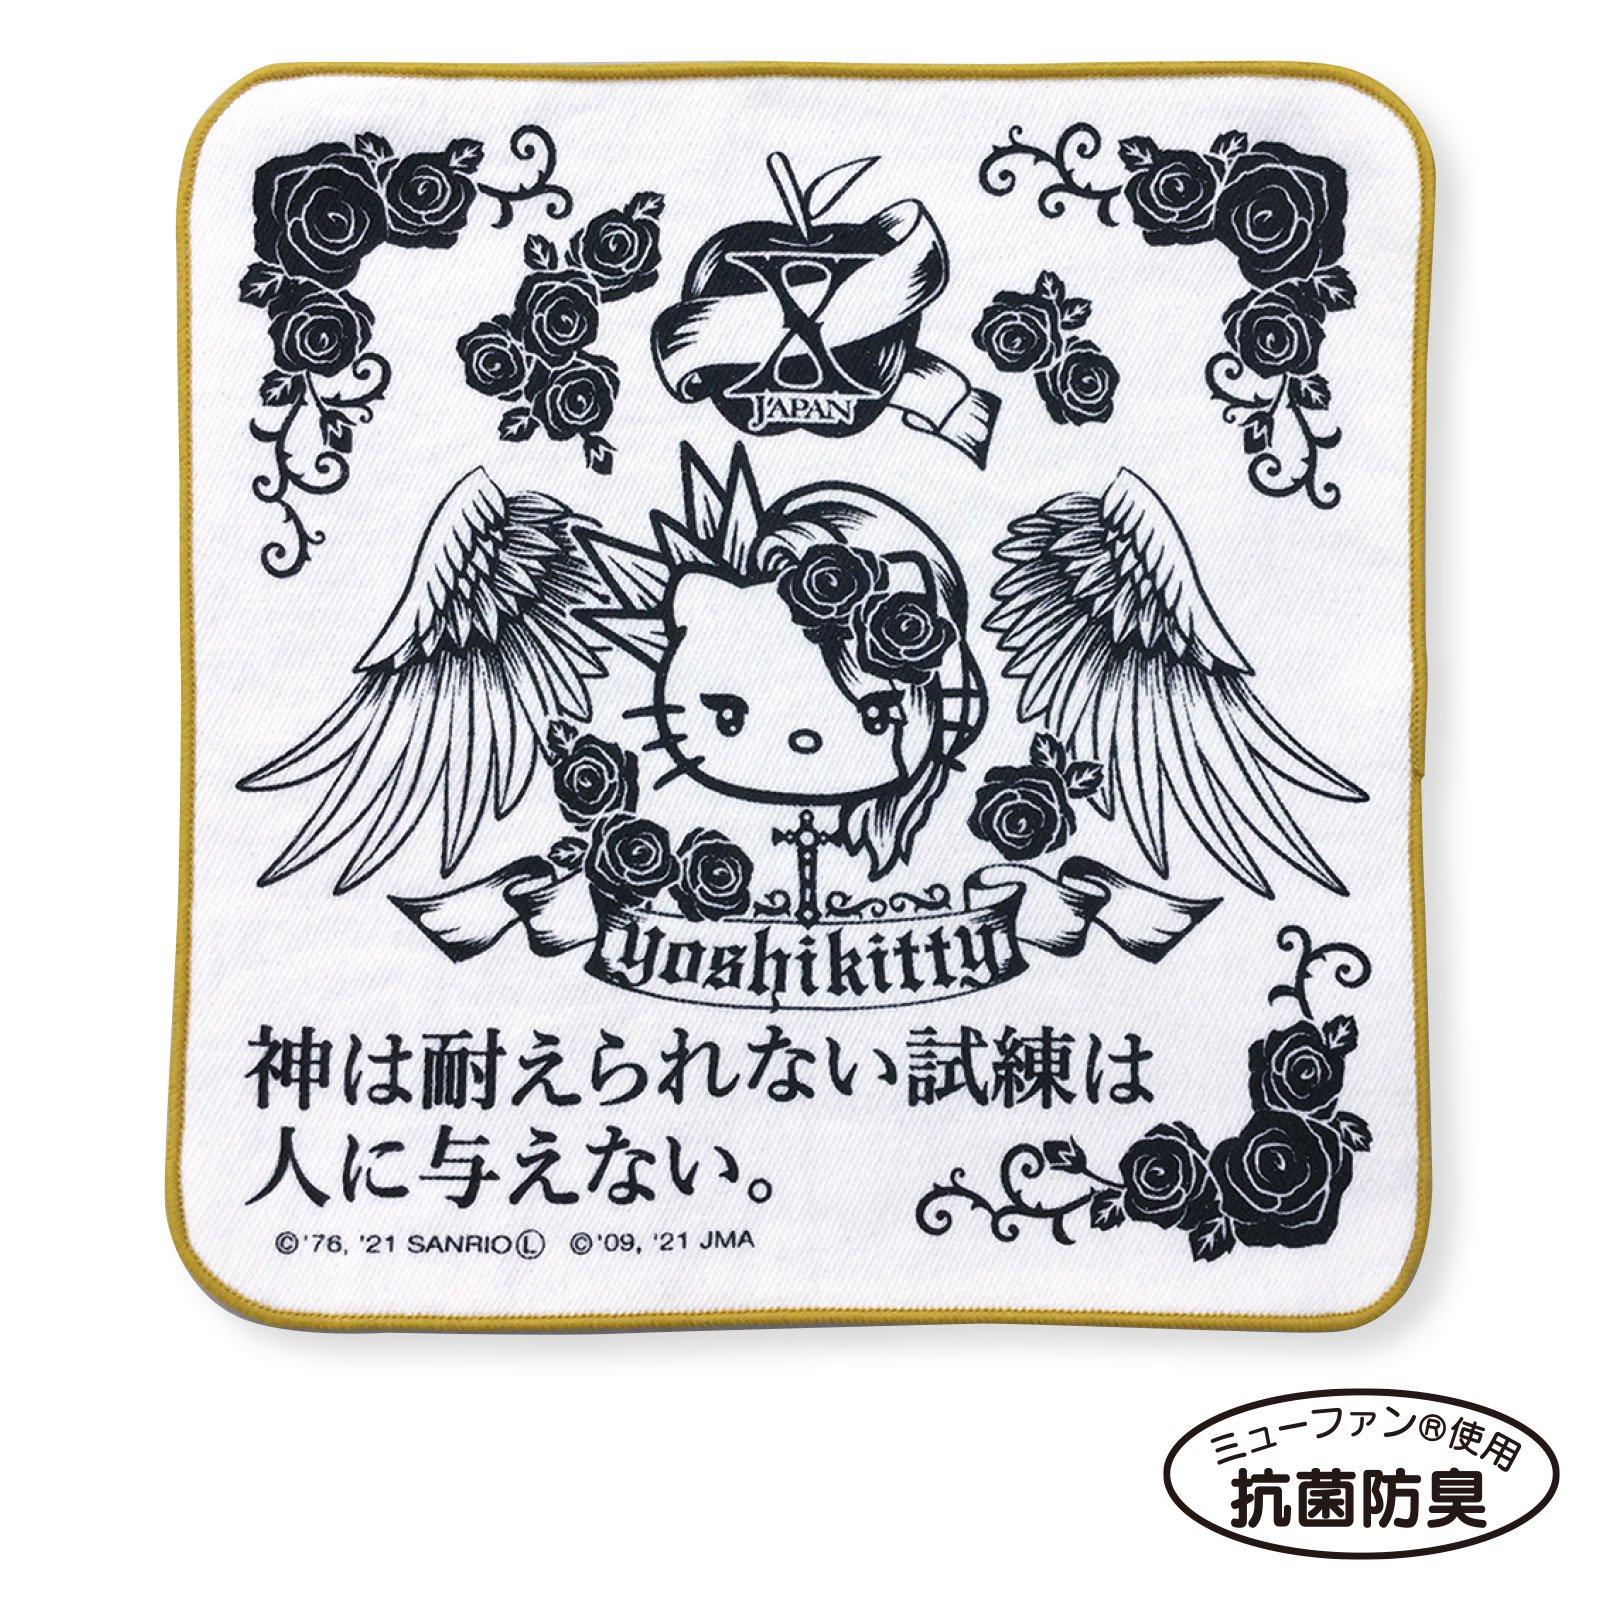 《web限定》yoshikitty:抗菌ミニハンカチタオル・2021・翼